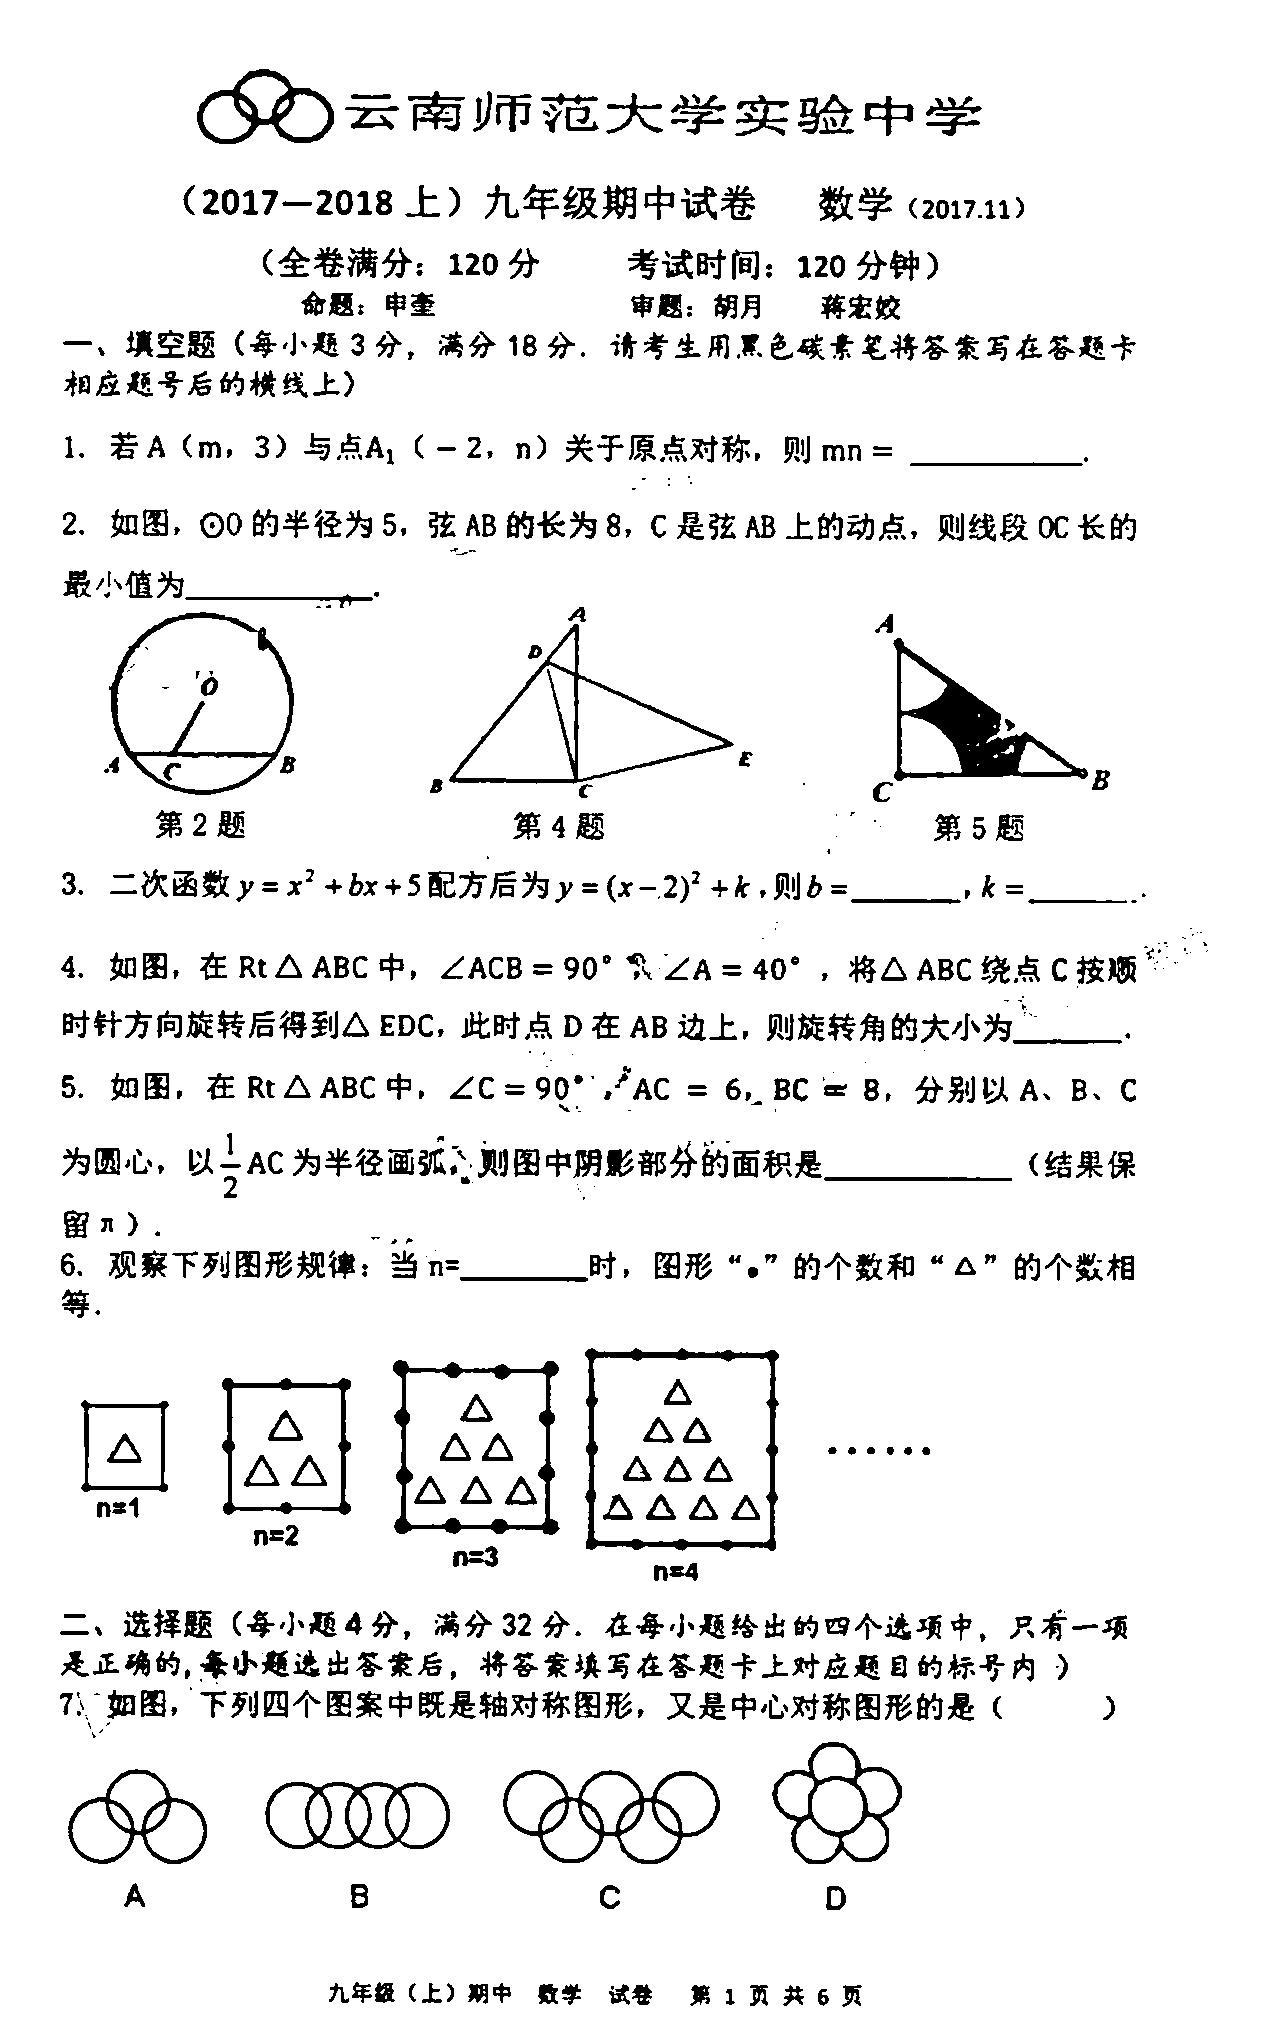 2018届云南师范大学实验中学九年级上数学期中试题(图片版)